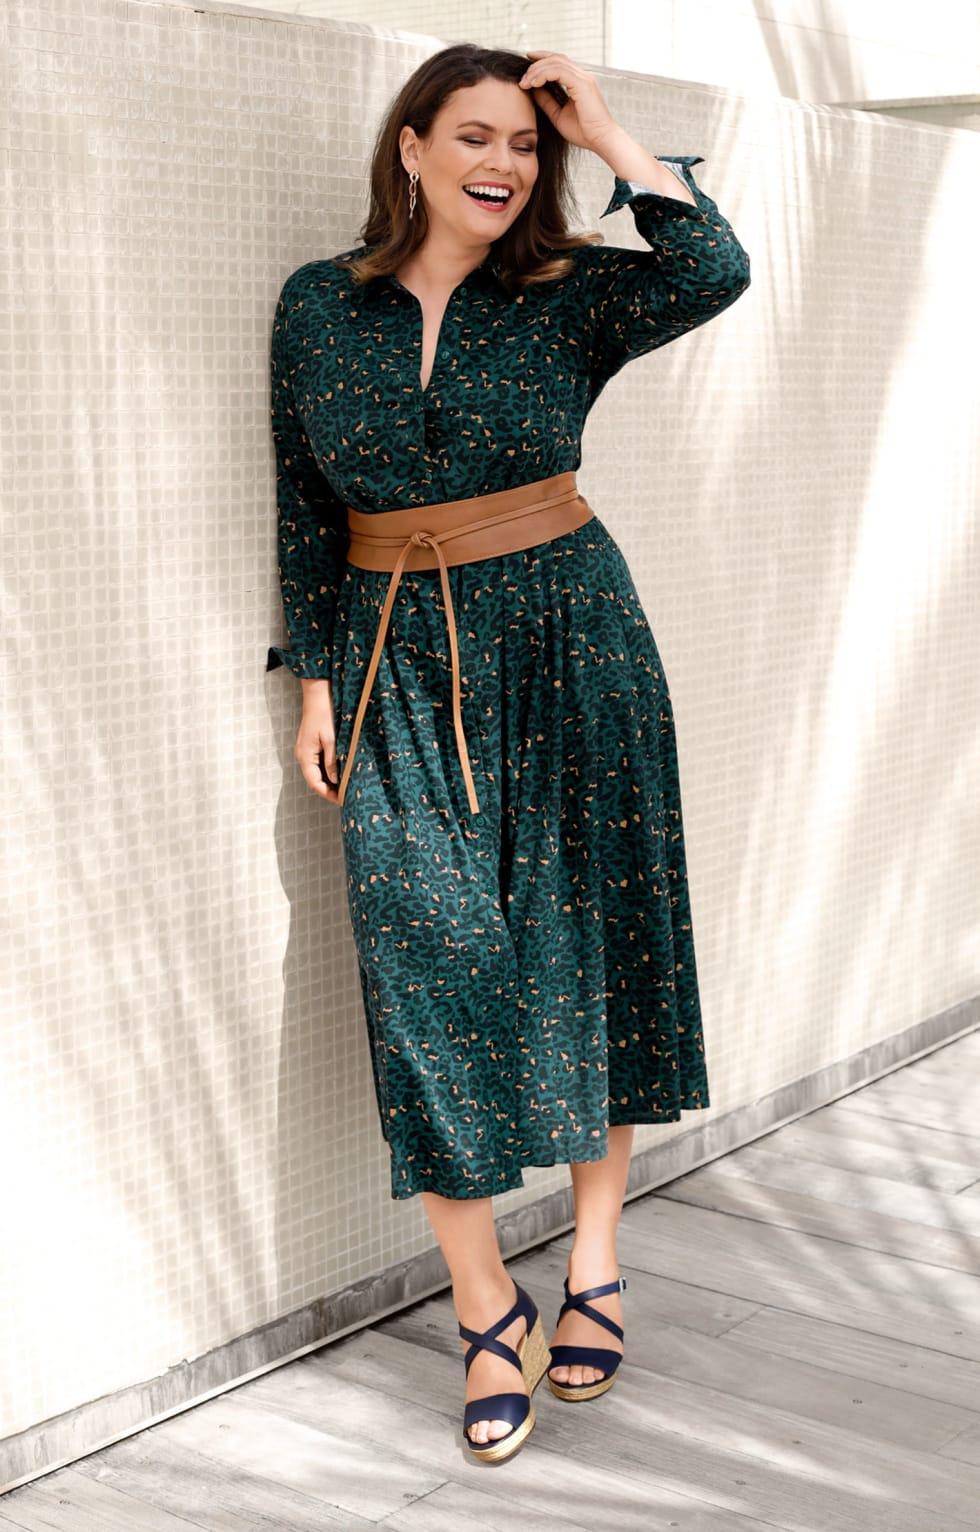 Damen Outfit Stilvoll